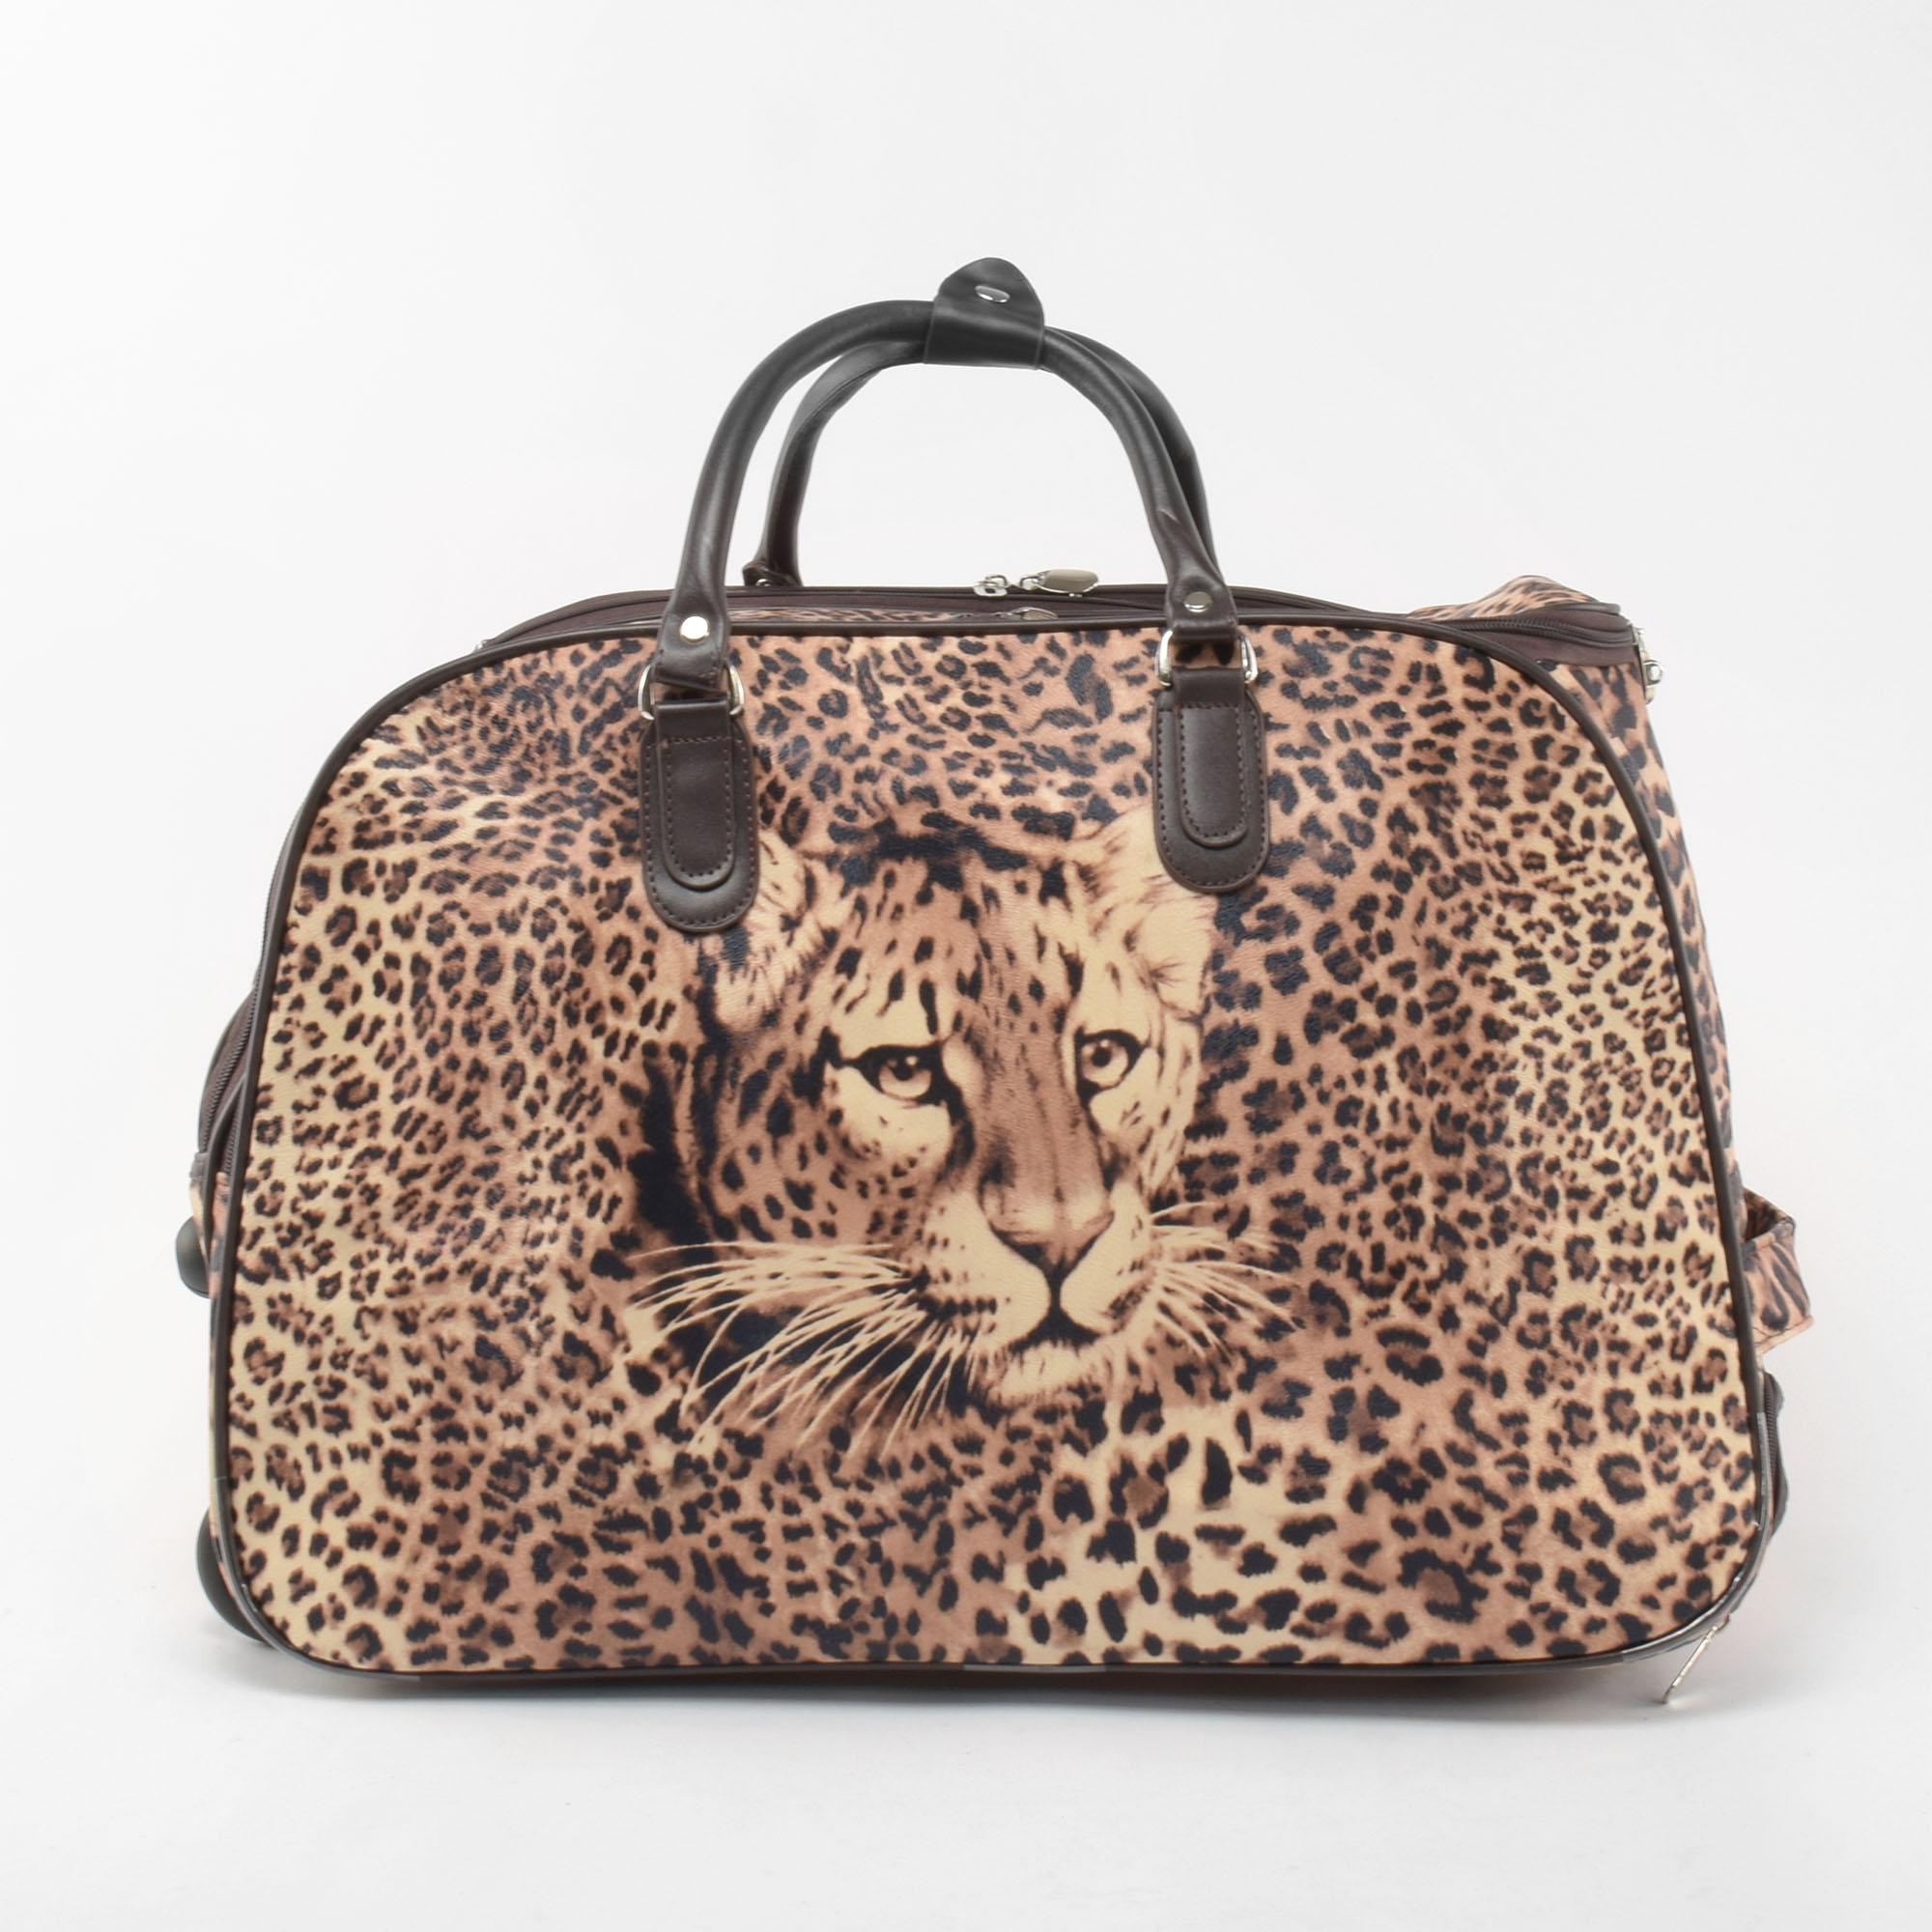 83fe5b5834ae Besty Közepes Méretű Leopárd mintás Gurulós Utazótáska - KÖZEPES MÉRETŰ  UTAZÓTÁSKA - Táska webáruház - Minőségi táskák mindenkinek